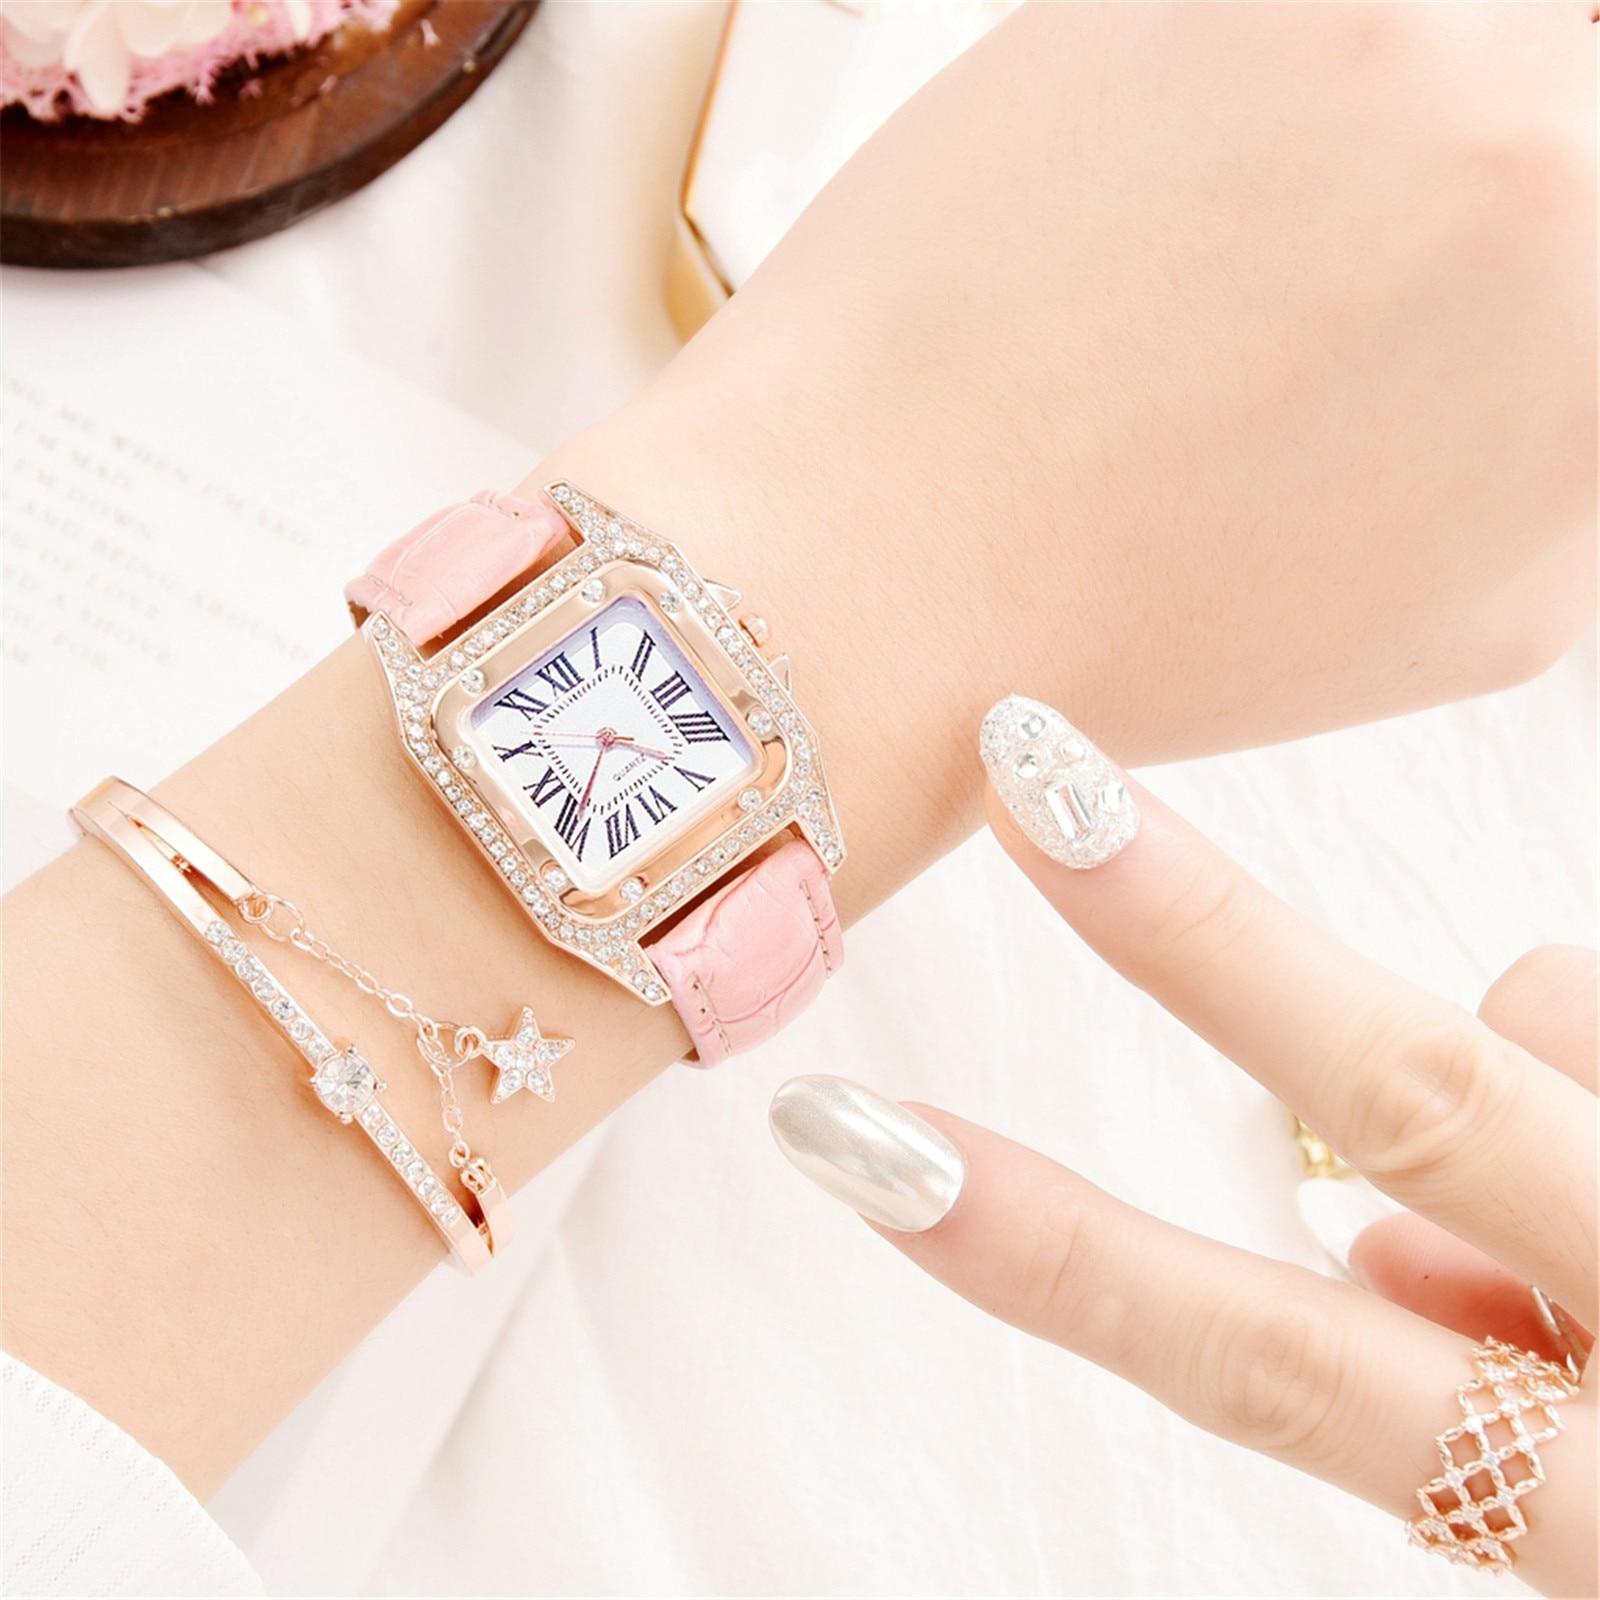 1 X Watch 1 X Bracelet Diamond And Star Bracelet Quartz Watch Set Best Gift For Girl Friends Family